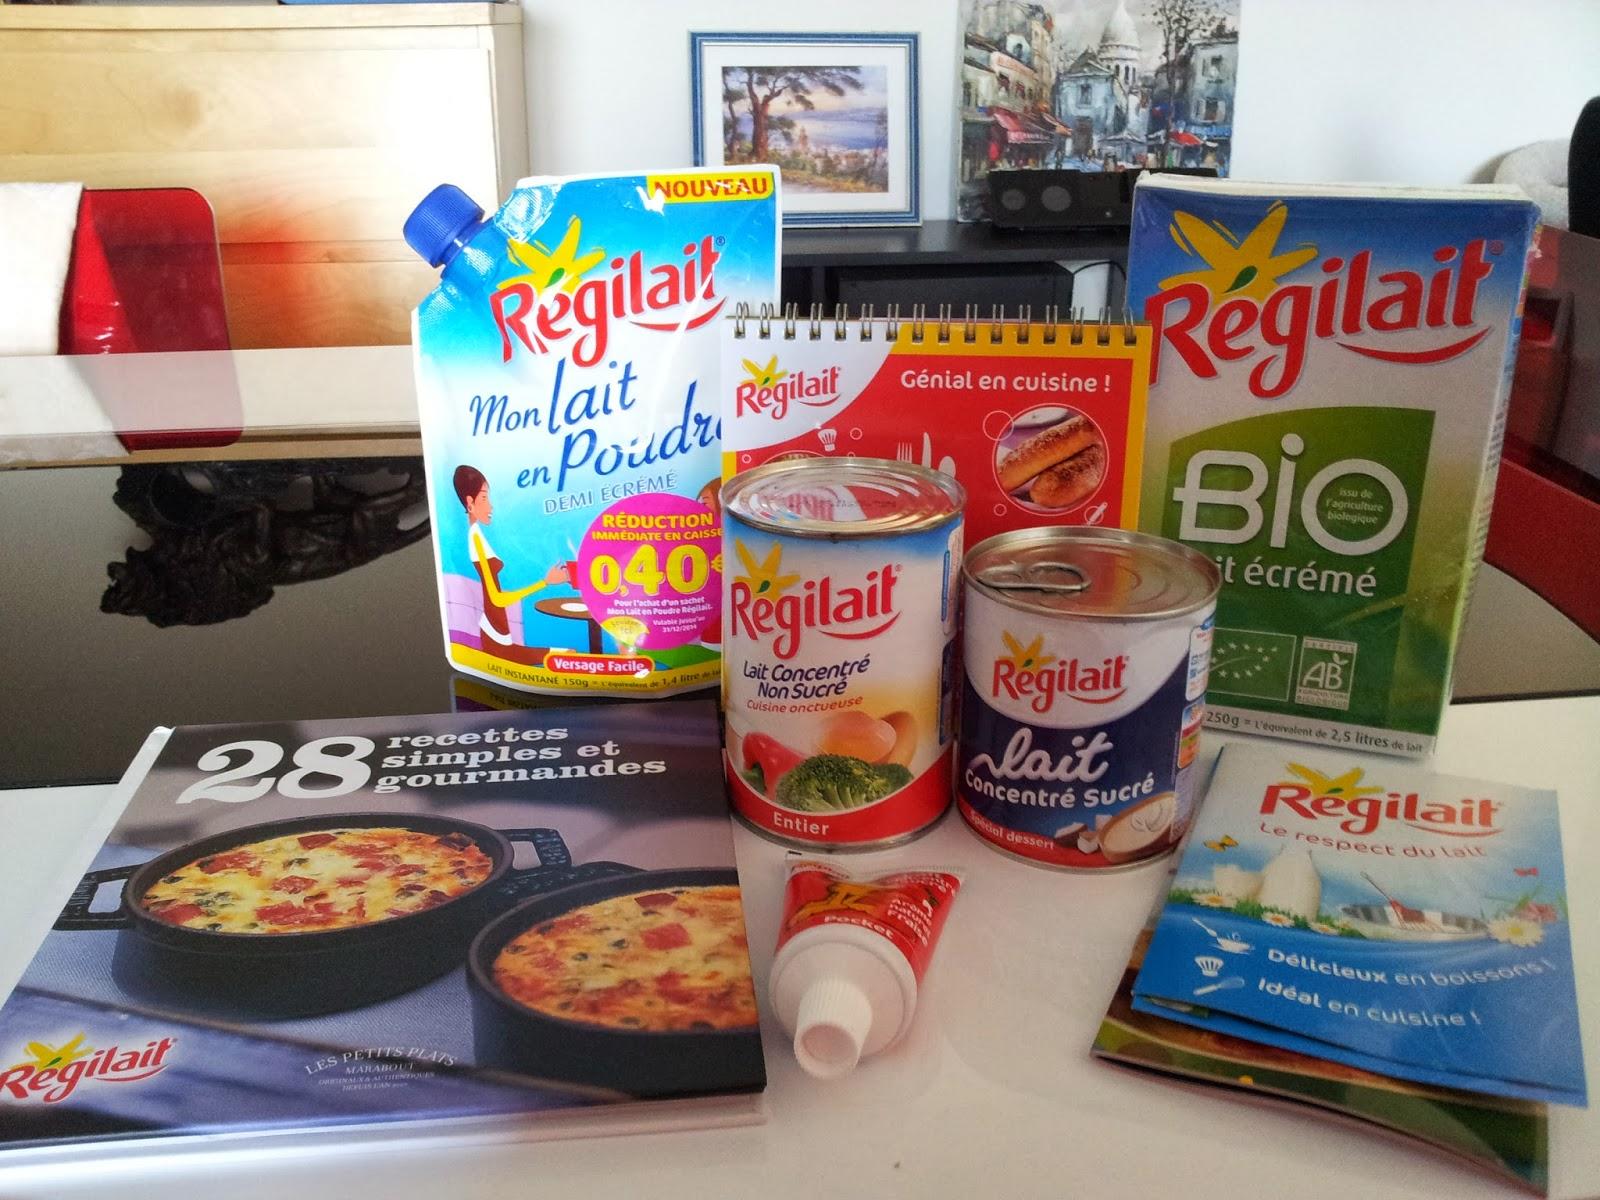 Colis r gilait blogs de cuisine for Regilait cuisine